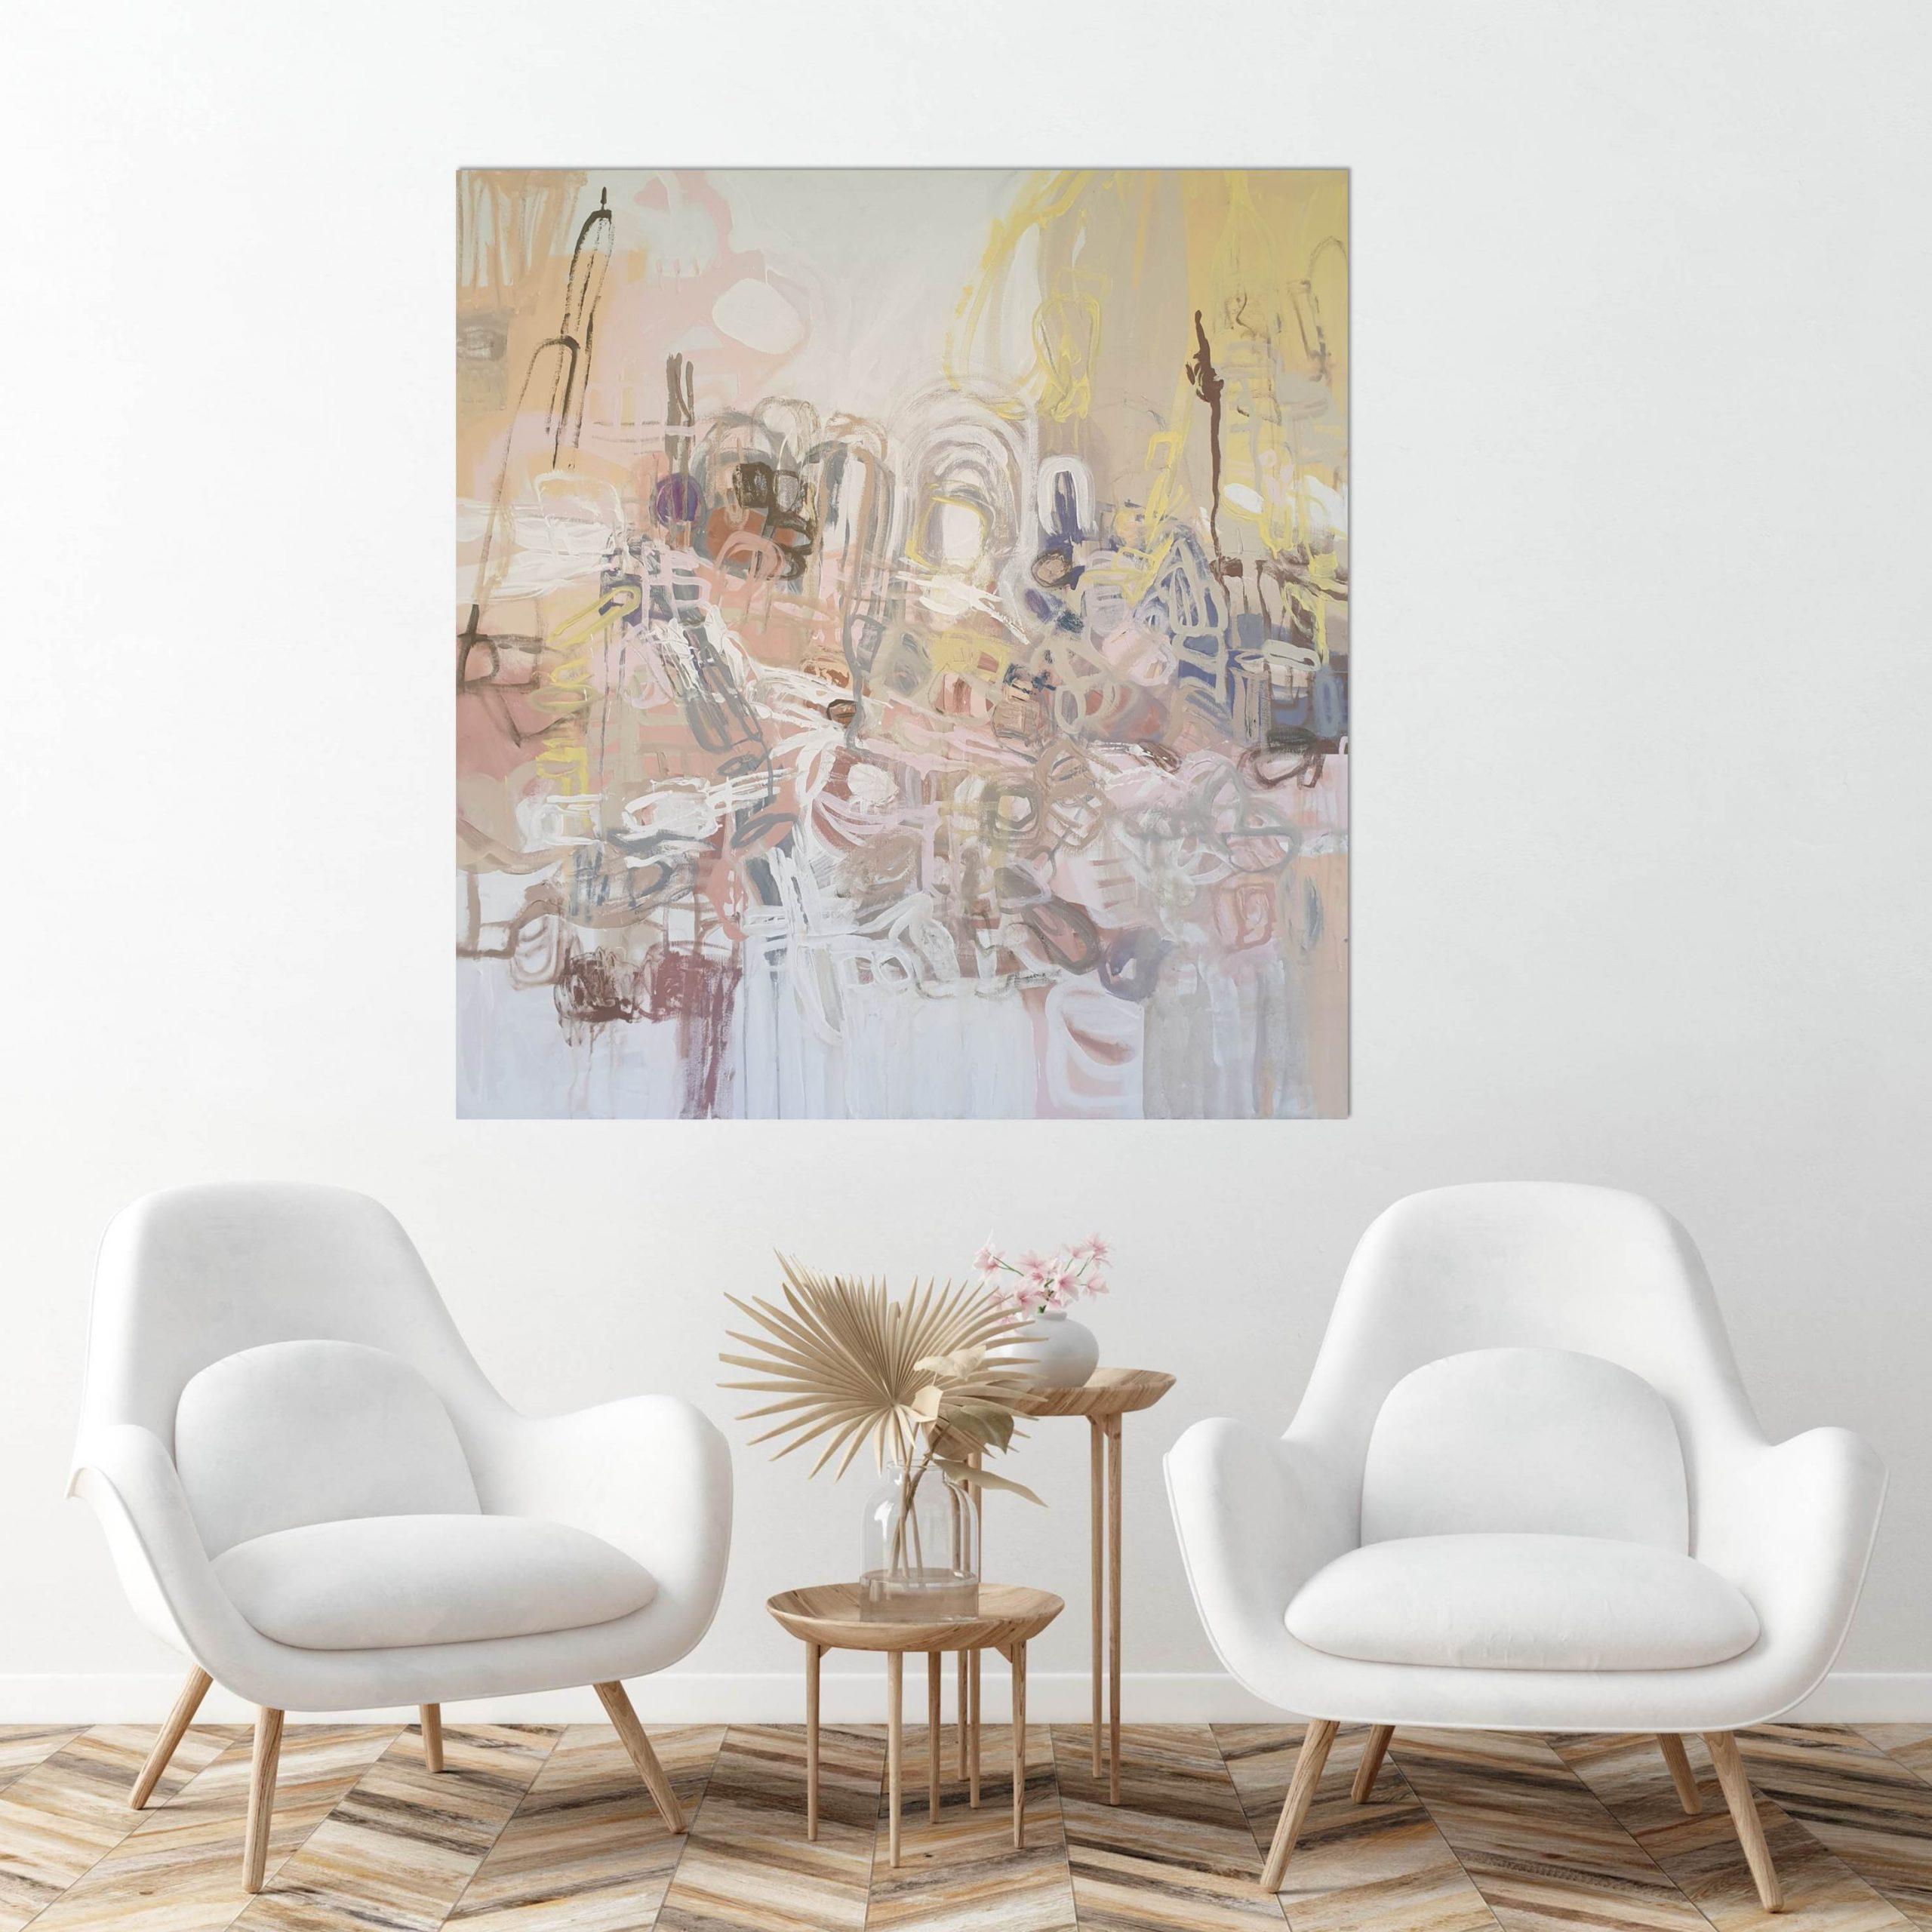 Sunshine State White Chairs